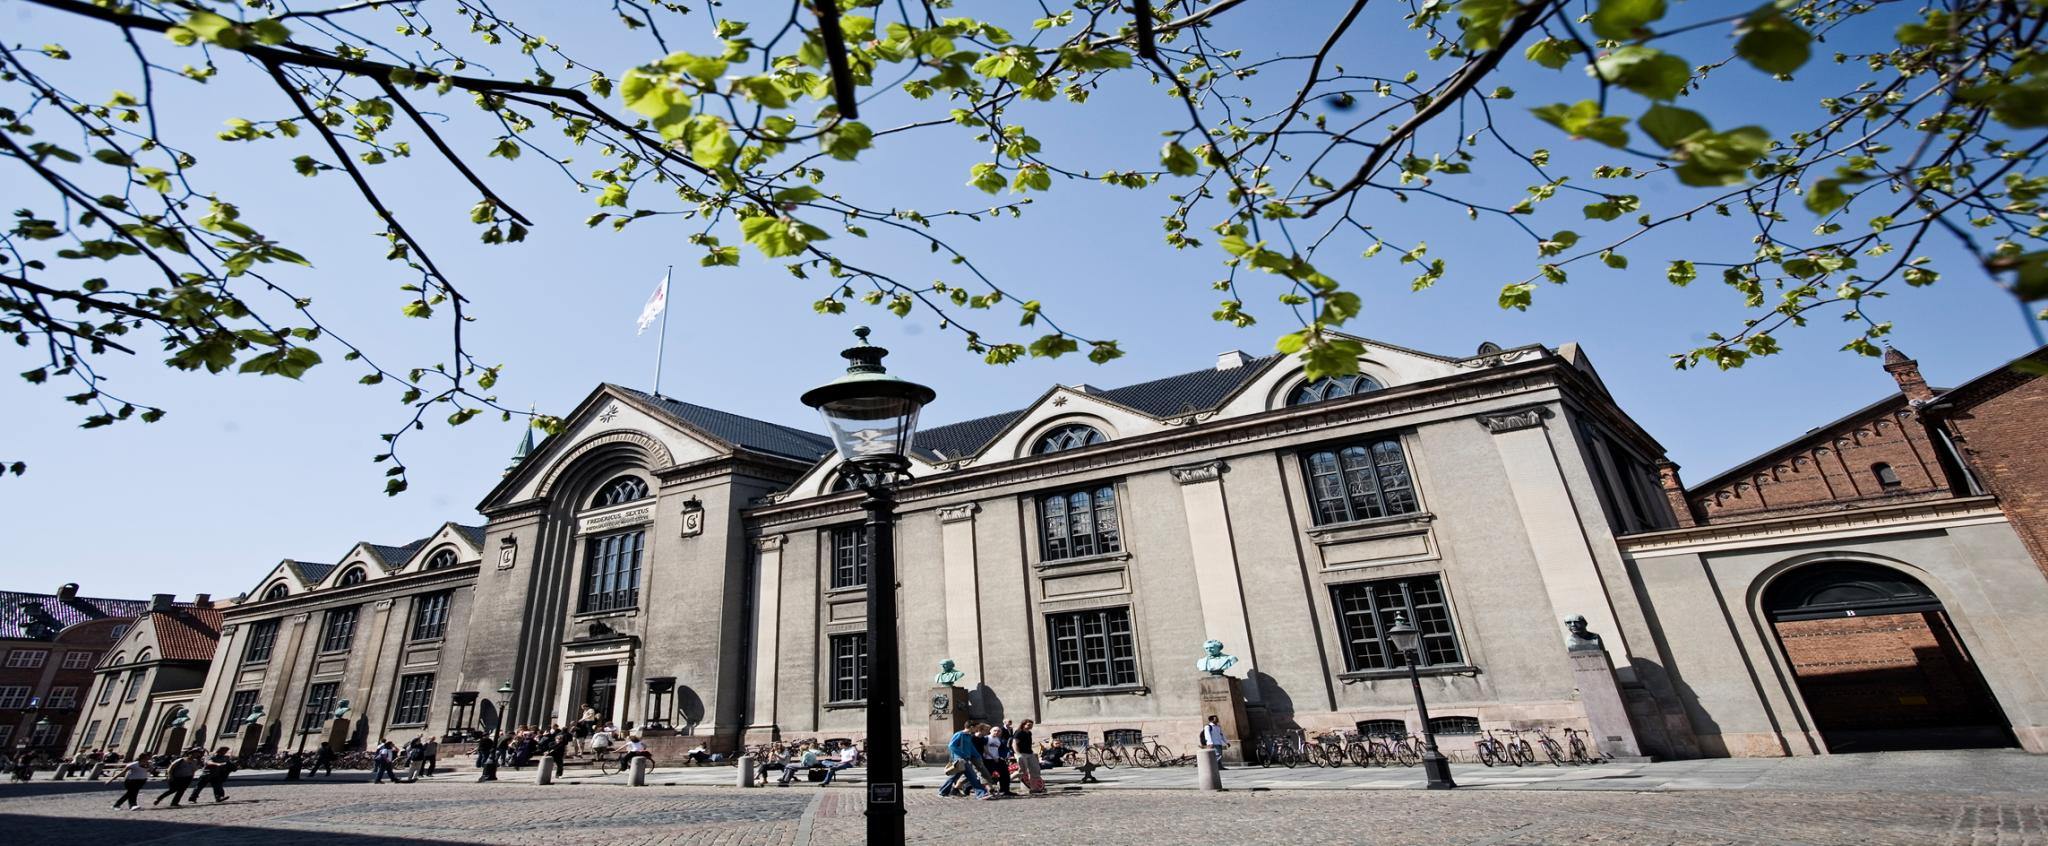 university-of-copenhagen-2 (1)